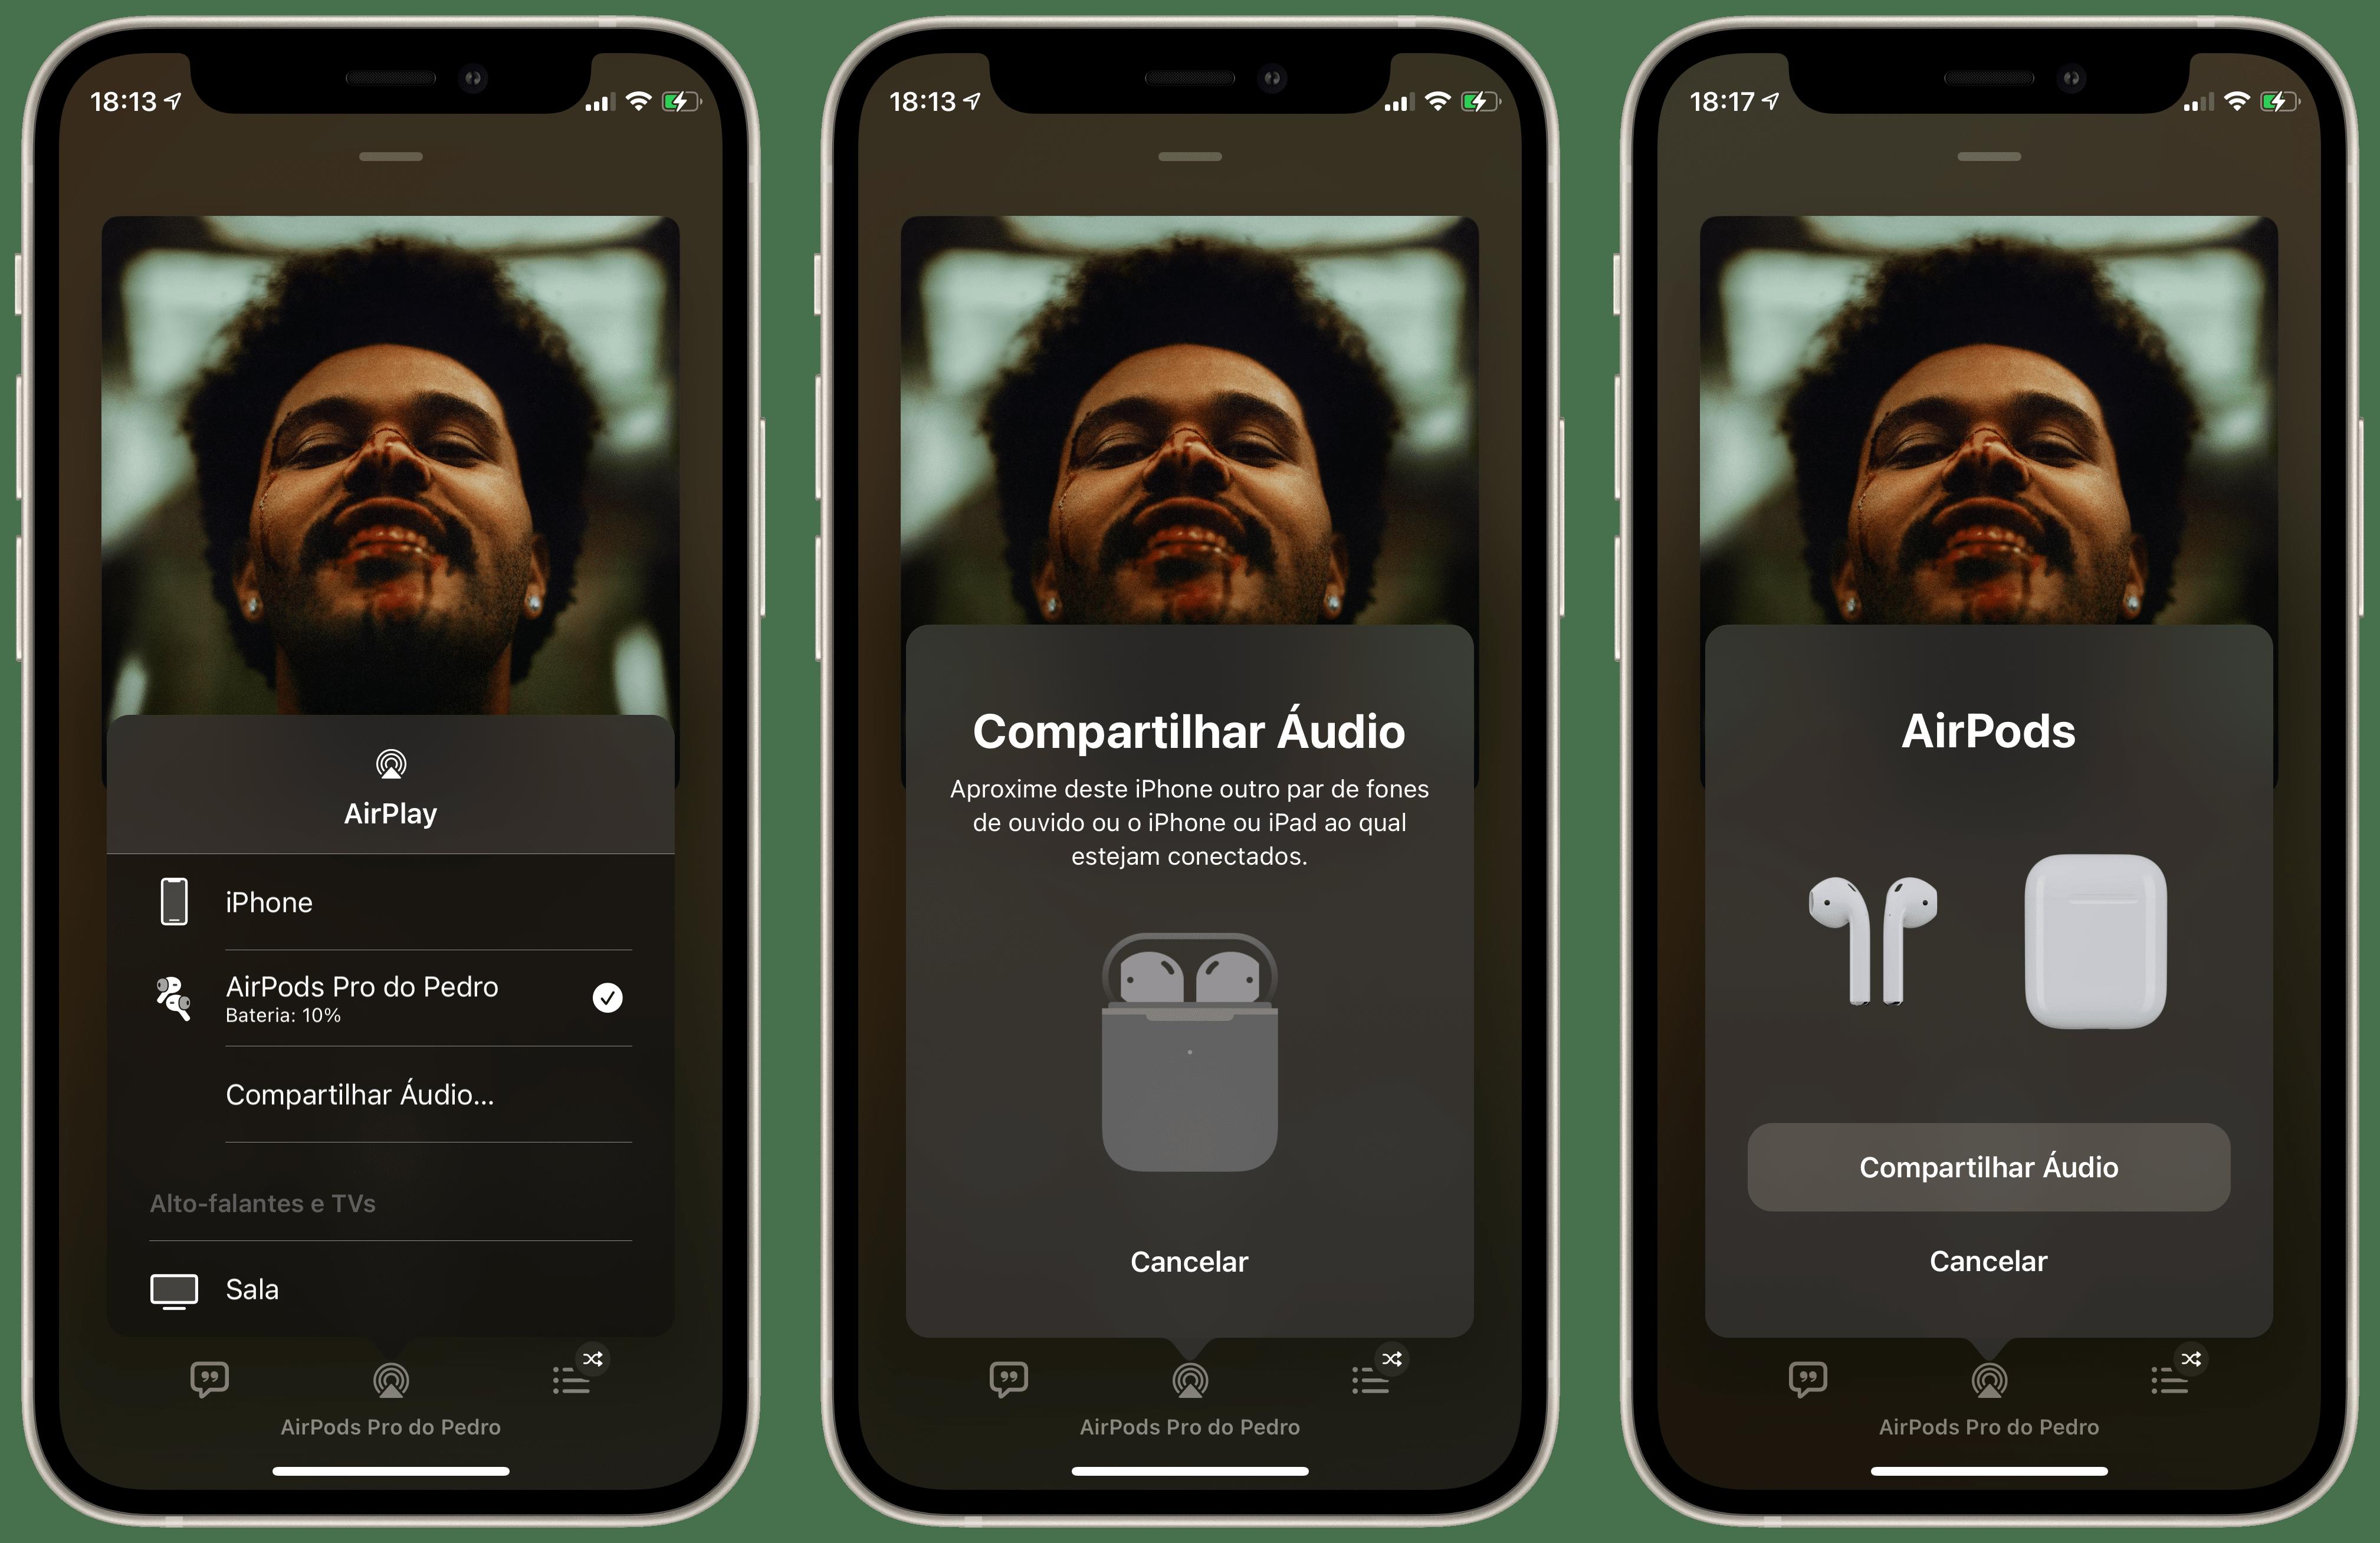 Compartilhar áudio com outros AirPods